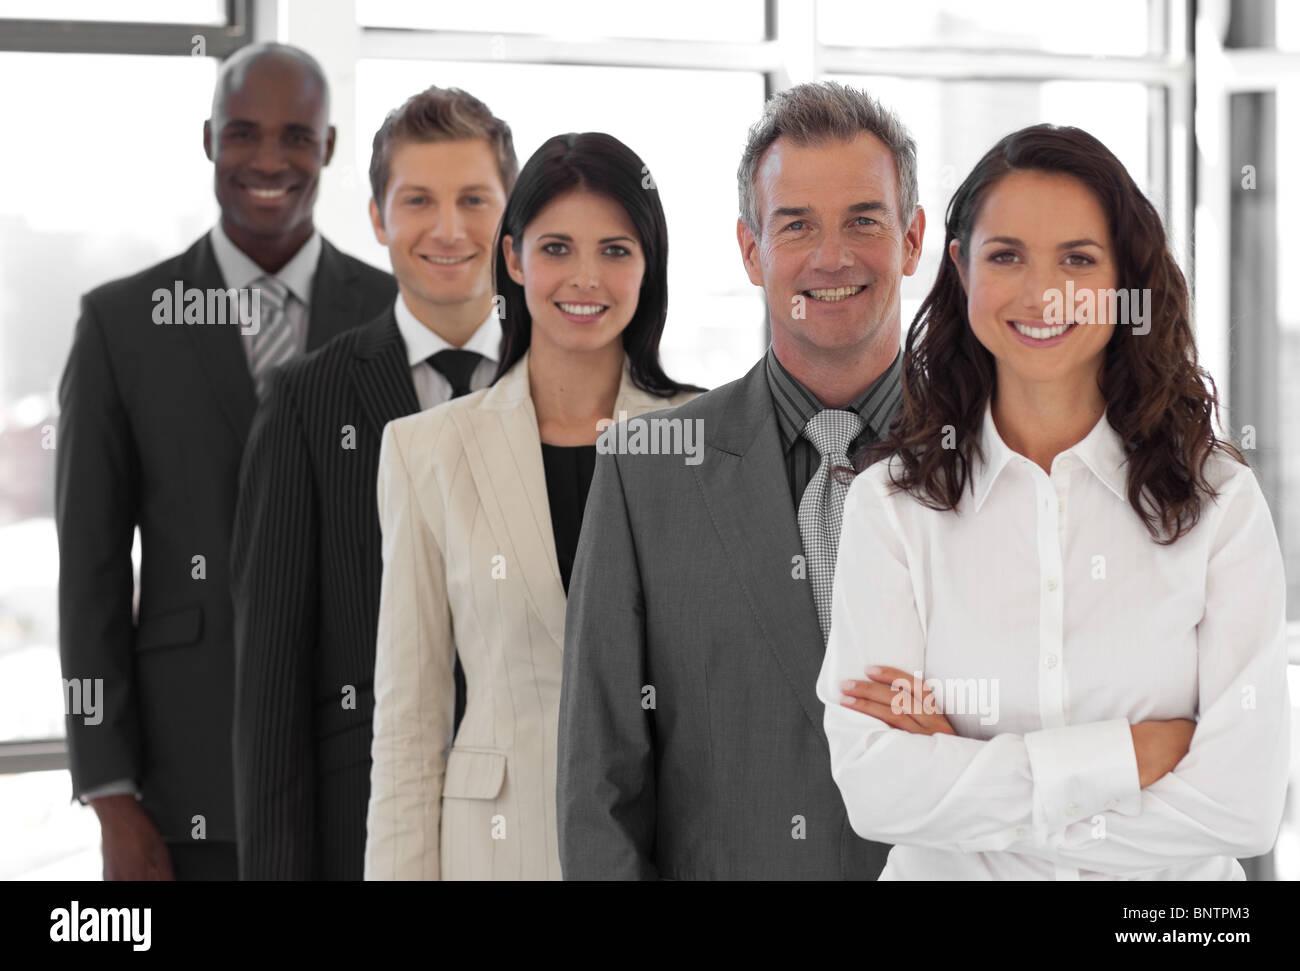 Empresarios de diferentes culturas mirando a la cámara Imagen De Stock